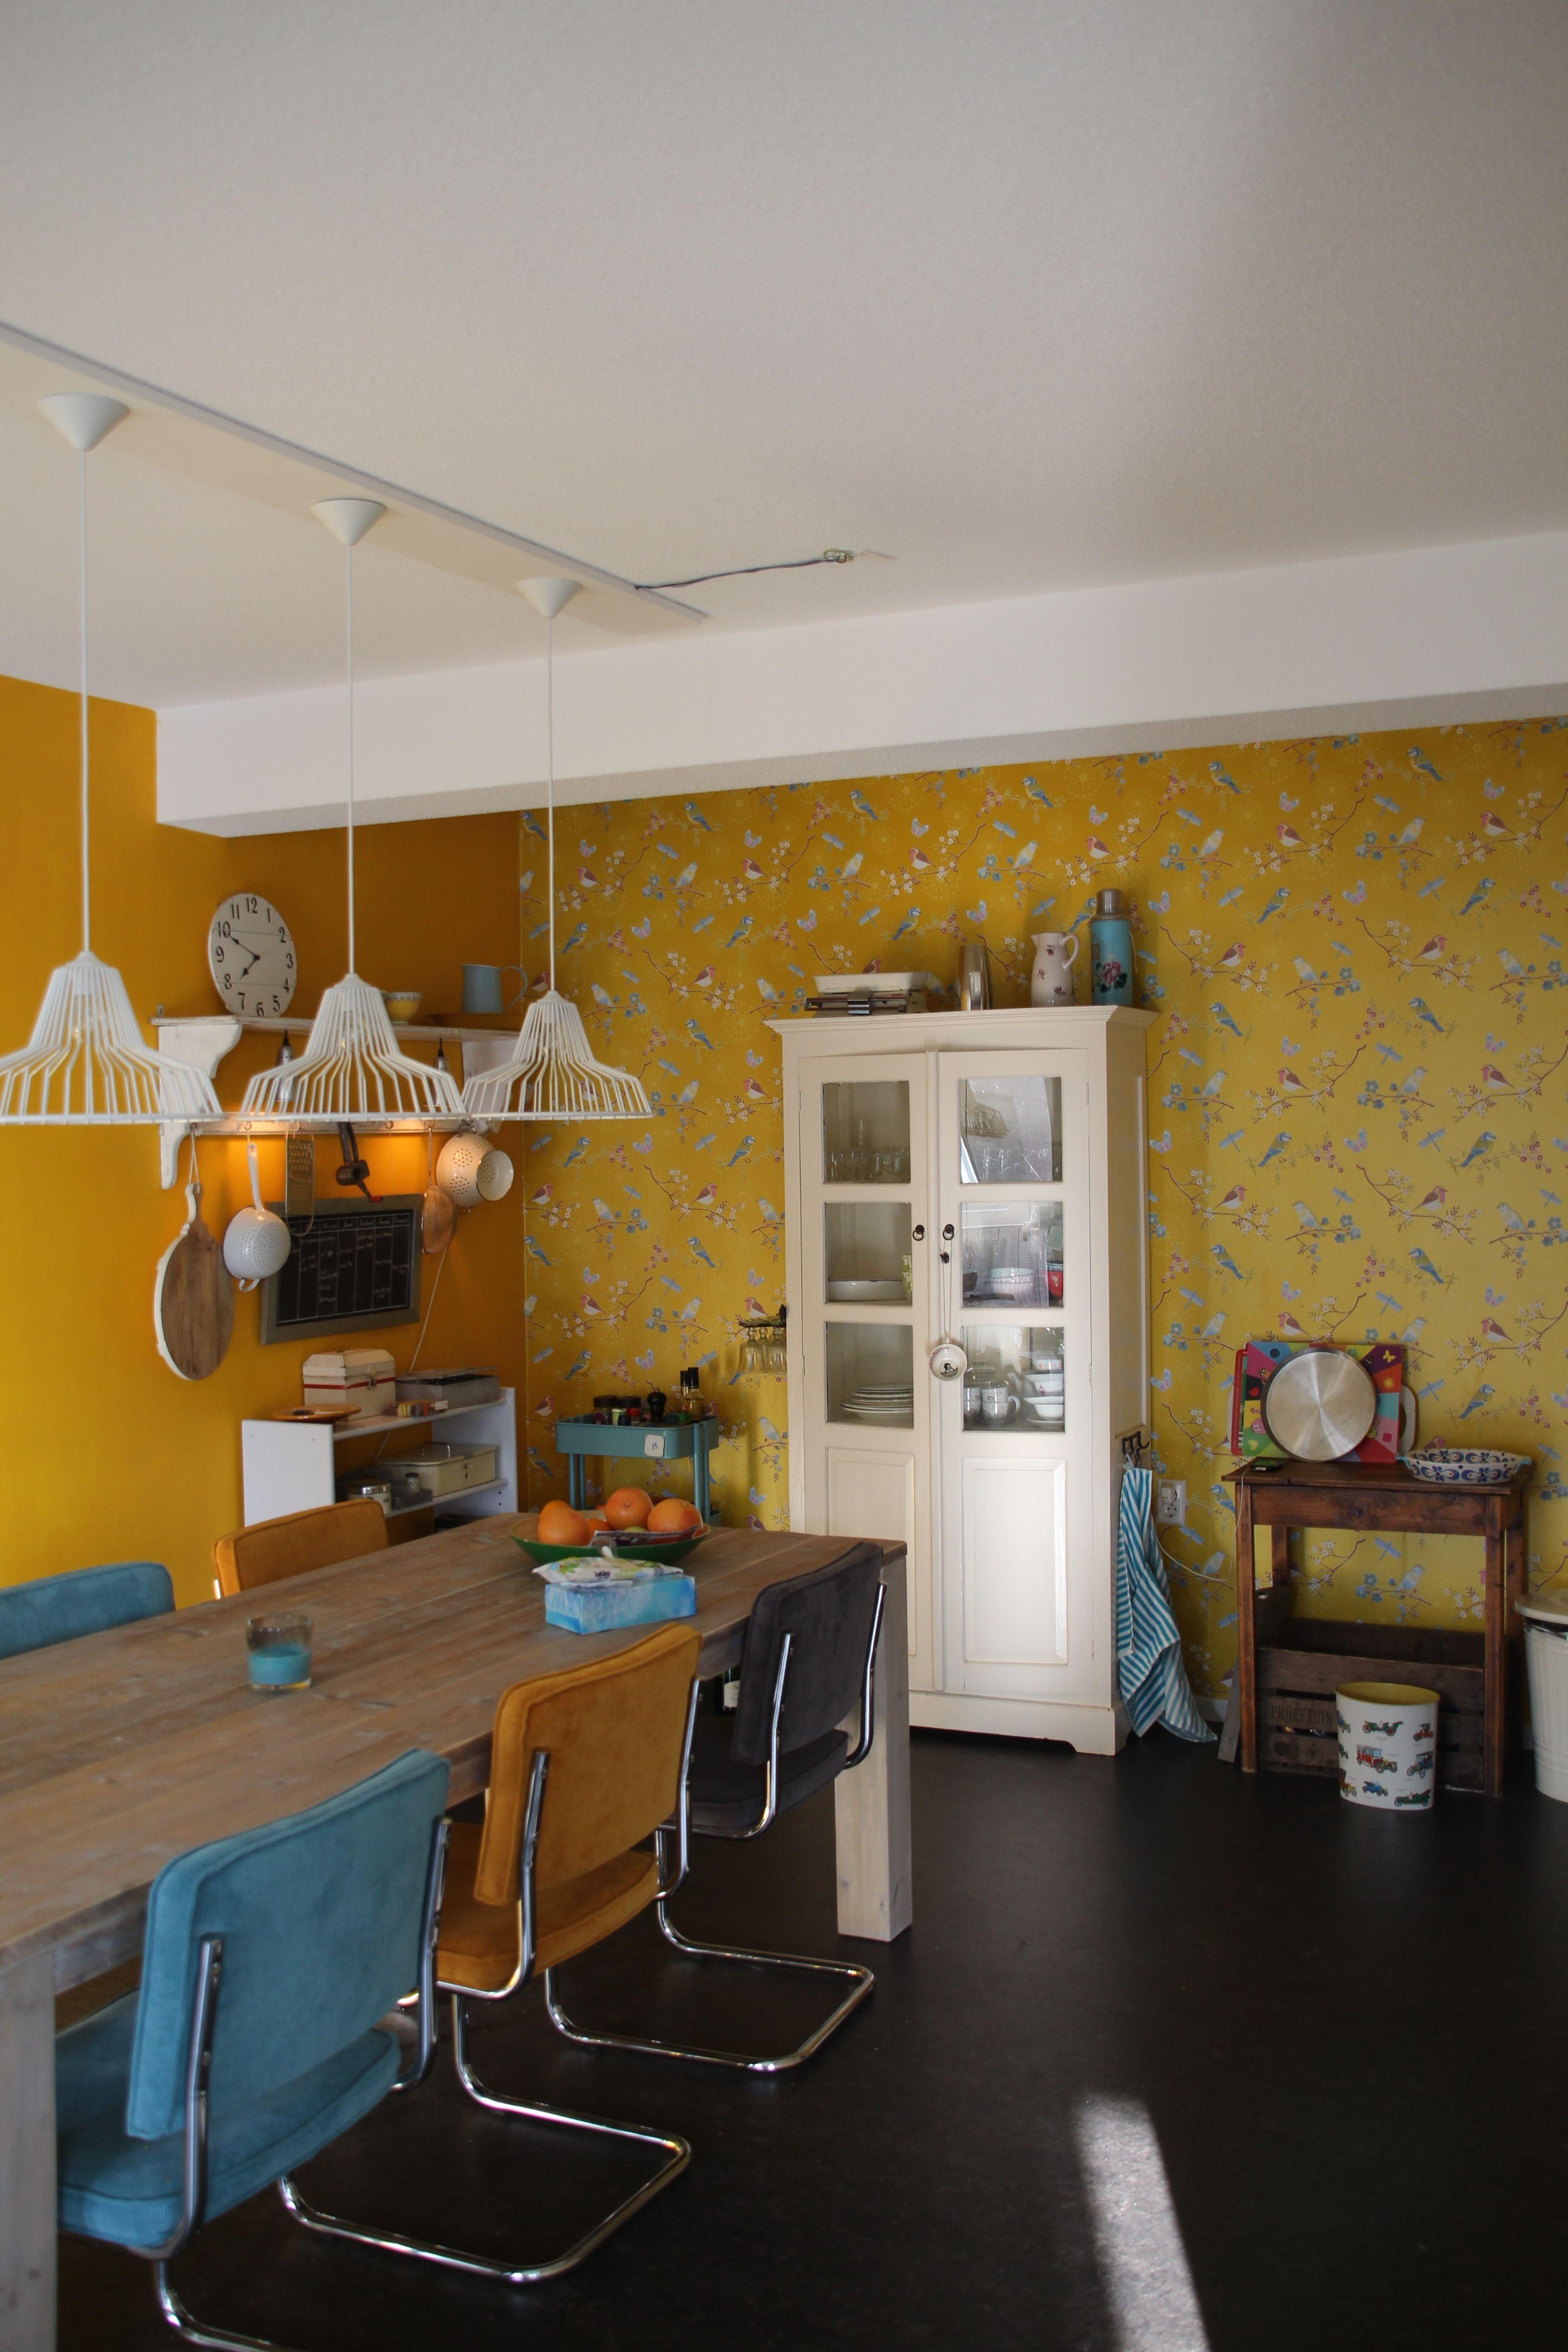 Keuken in appartement combinatie van oker geel en blauw for Interieur geel